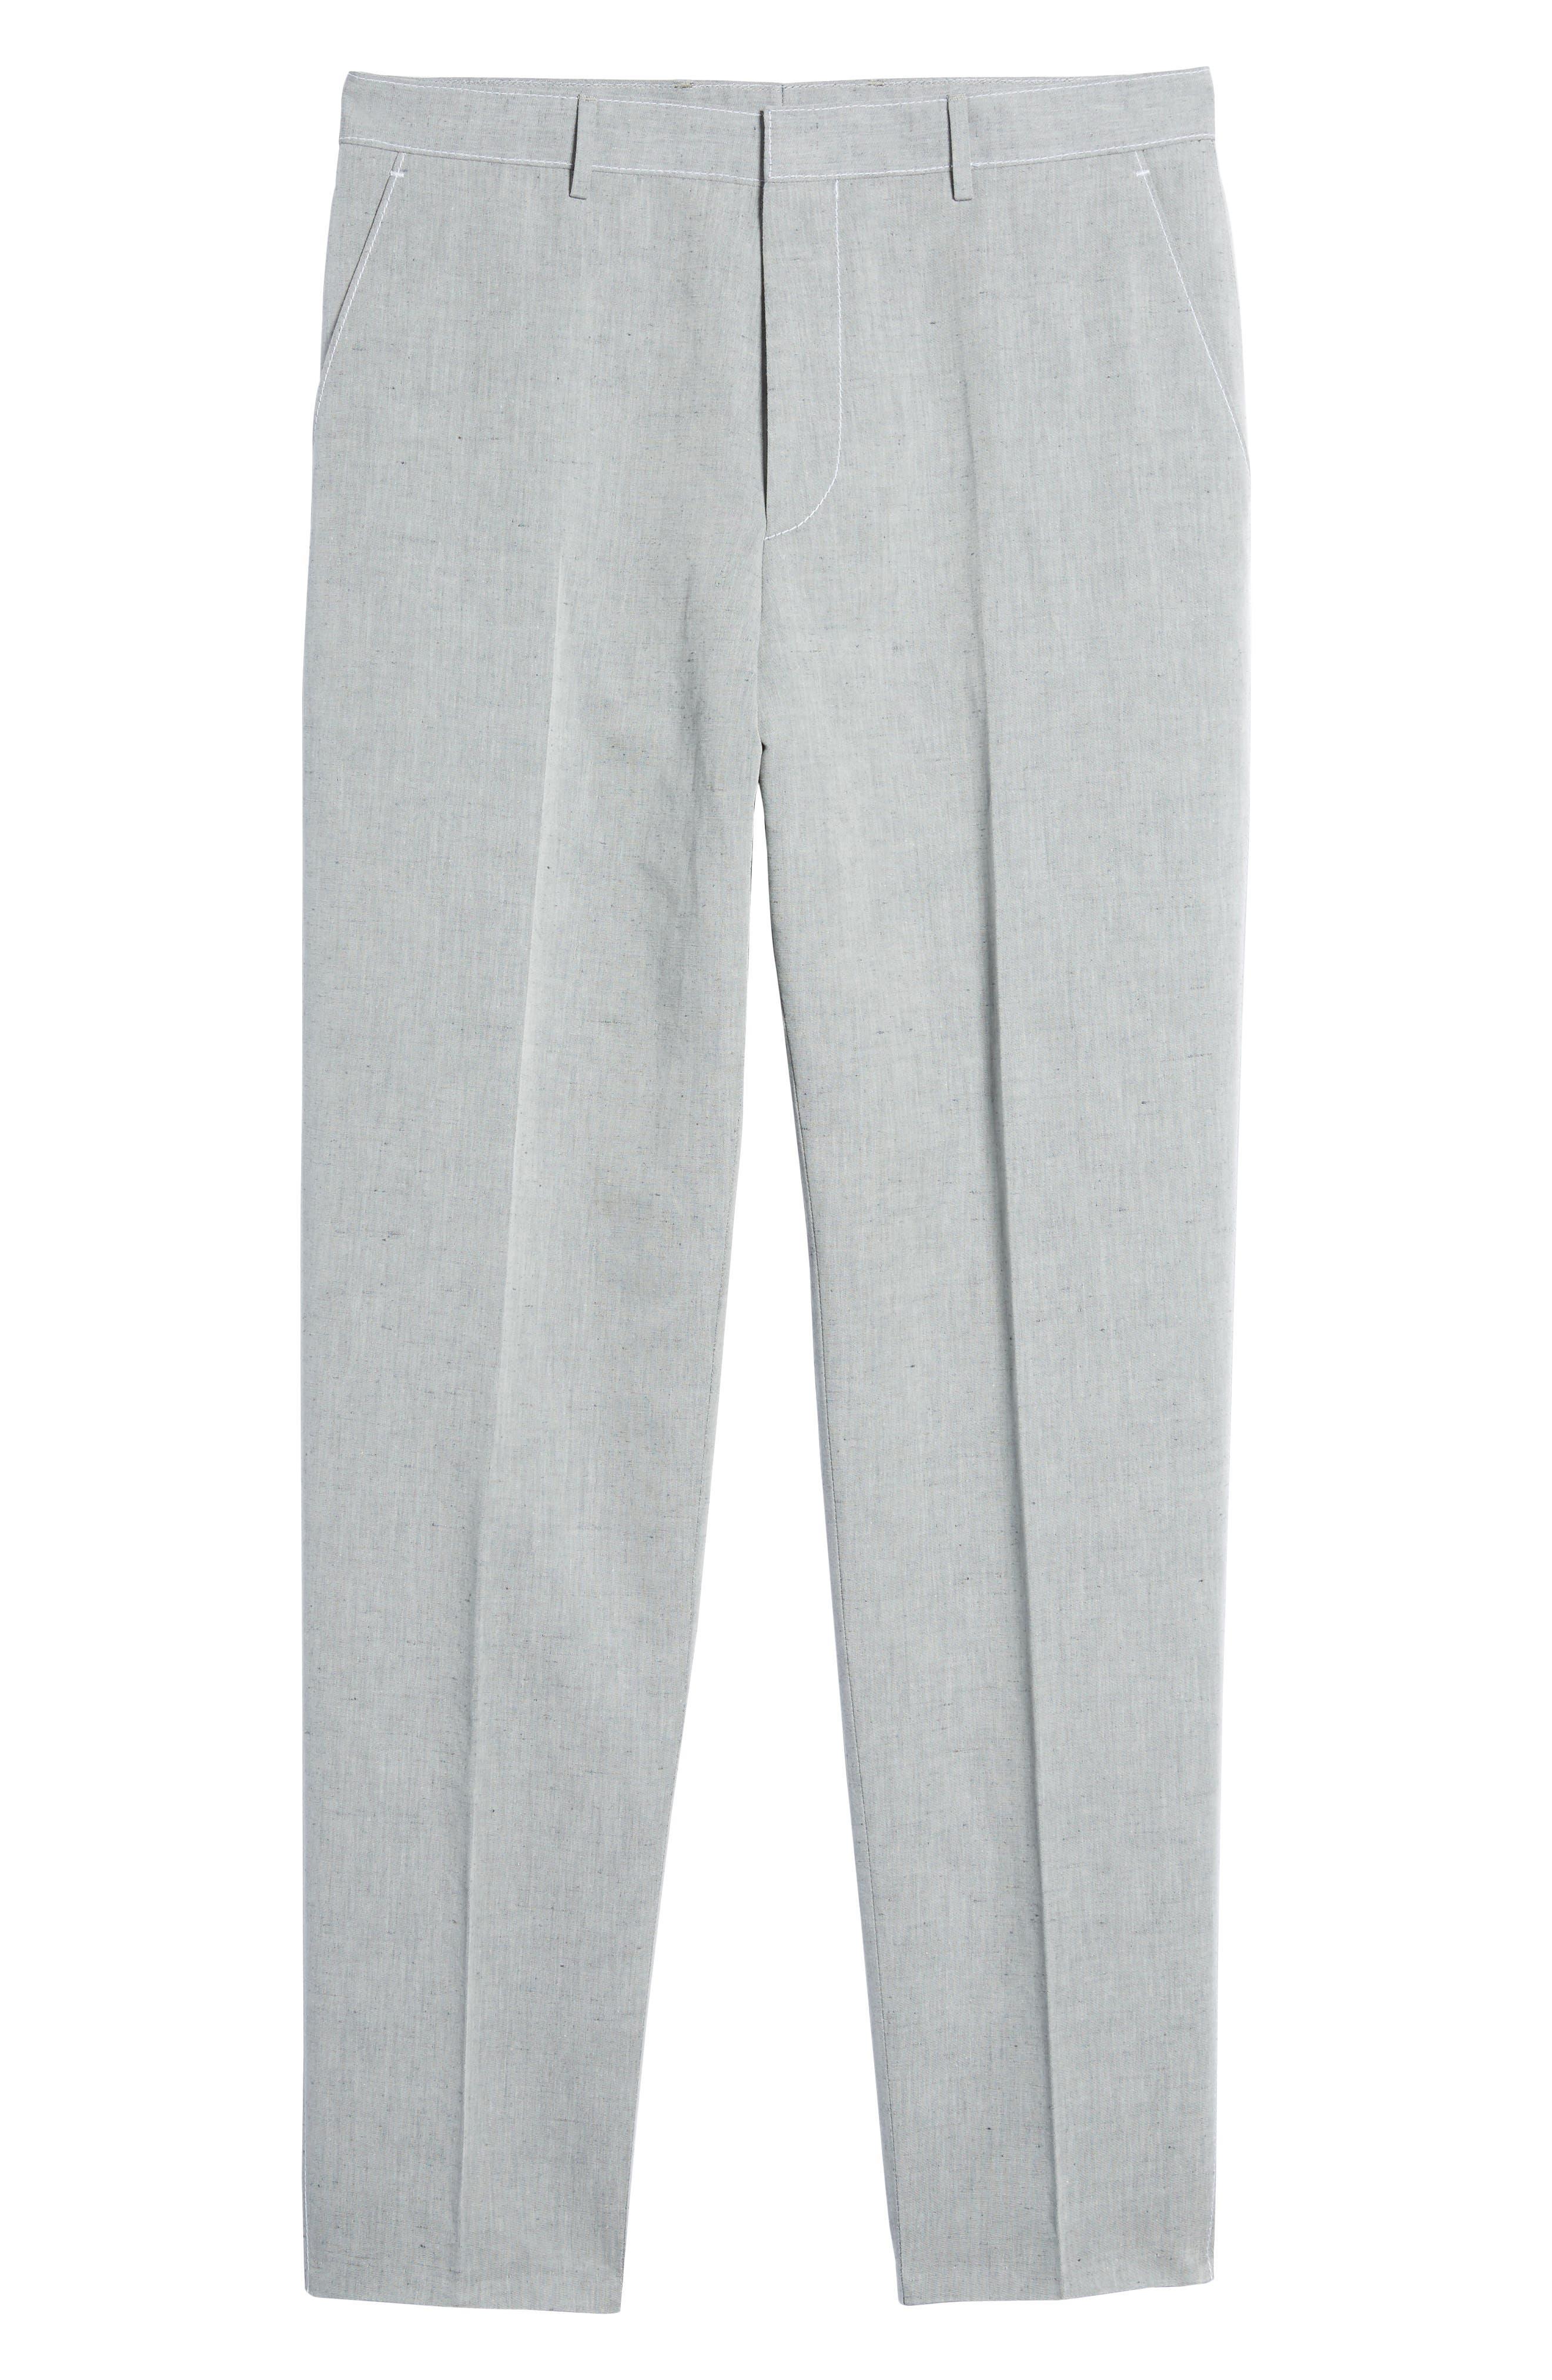 Pirko Flat Front Linen & Cotton Trousers,                             Alternate thumbnail 6, color,                             020